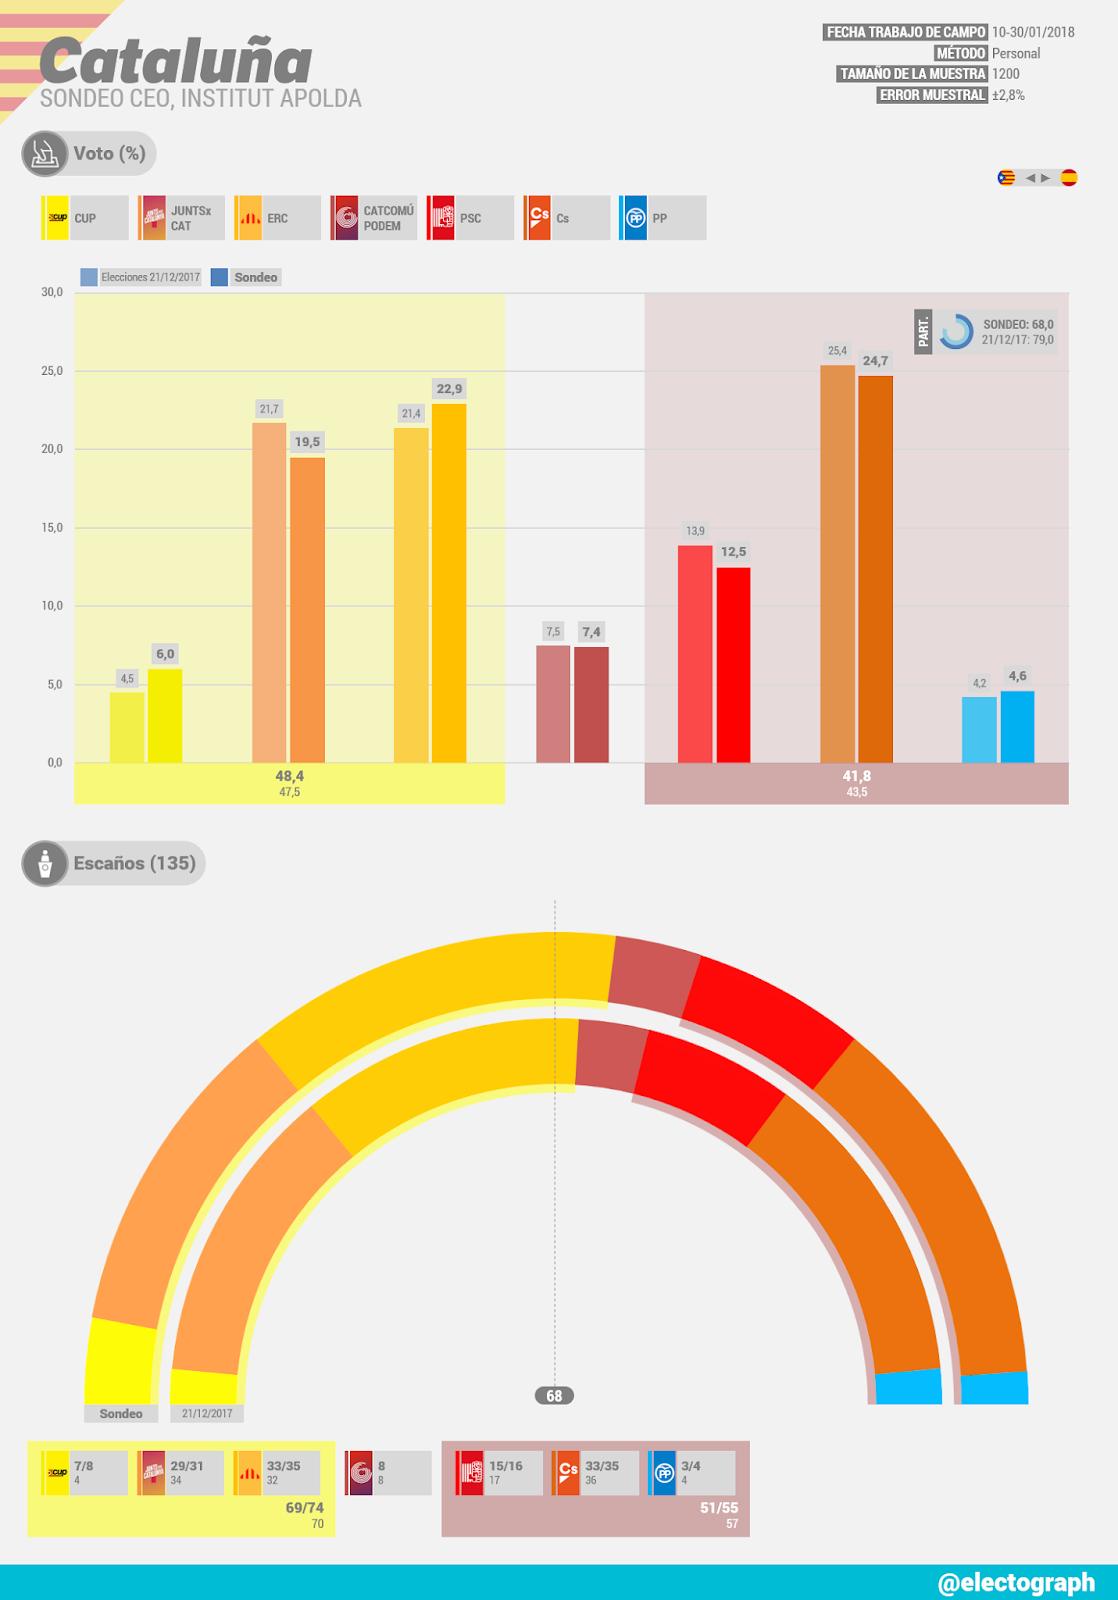 Gráfico de la encuesta para elecciones autonómicas en Cataluña realizada por el CEO en enero de 2018